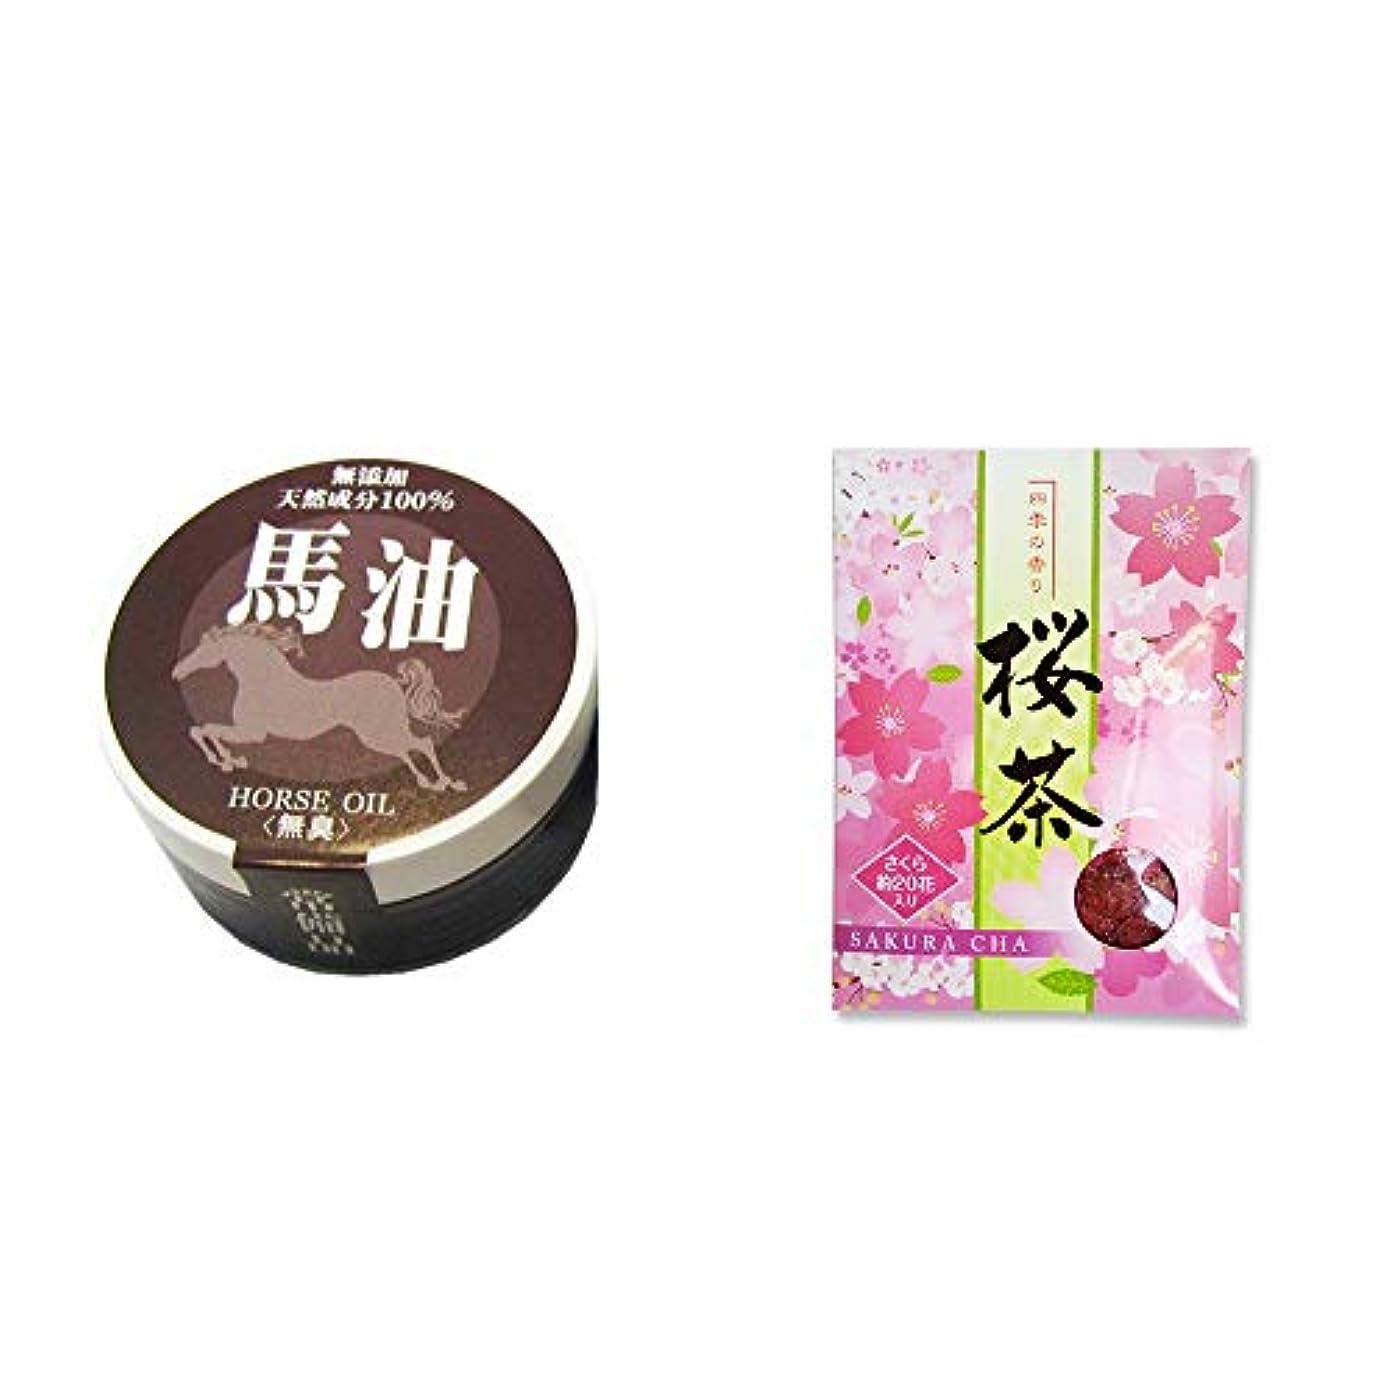 段階息切れスキル[2点セット] 無添加天然成分100% 馬油[無香料](38g)?桜茶(40g)